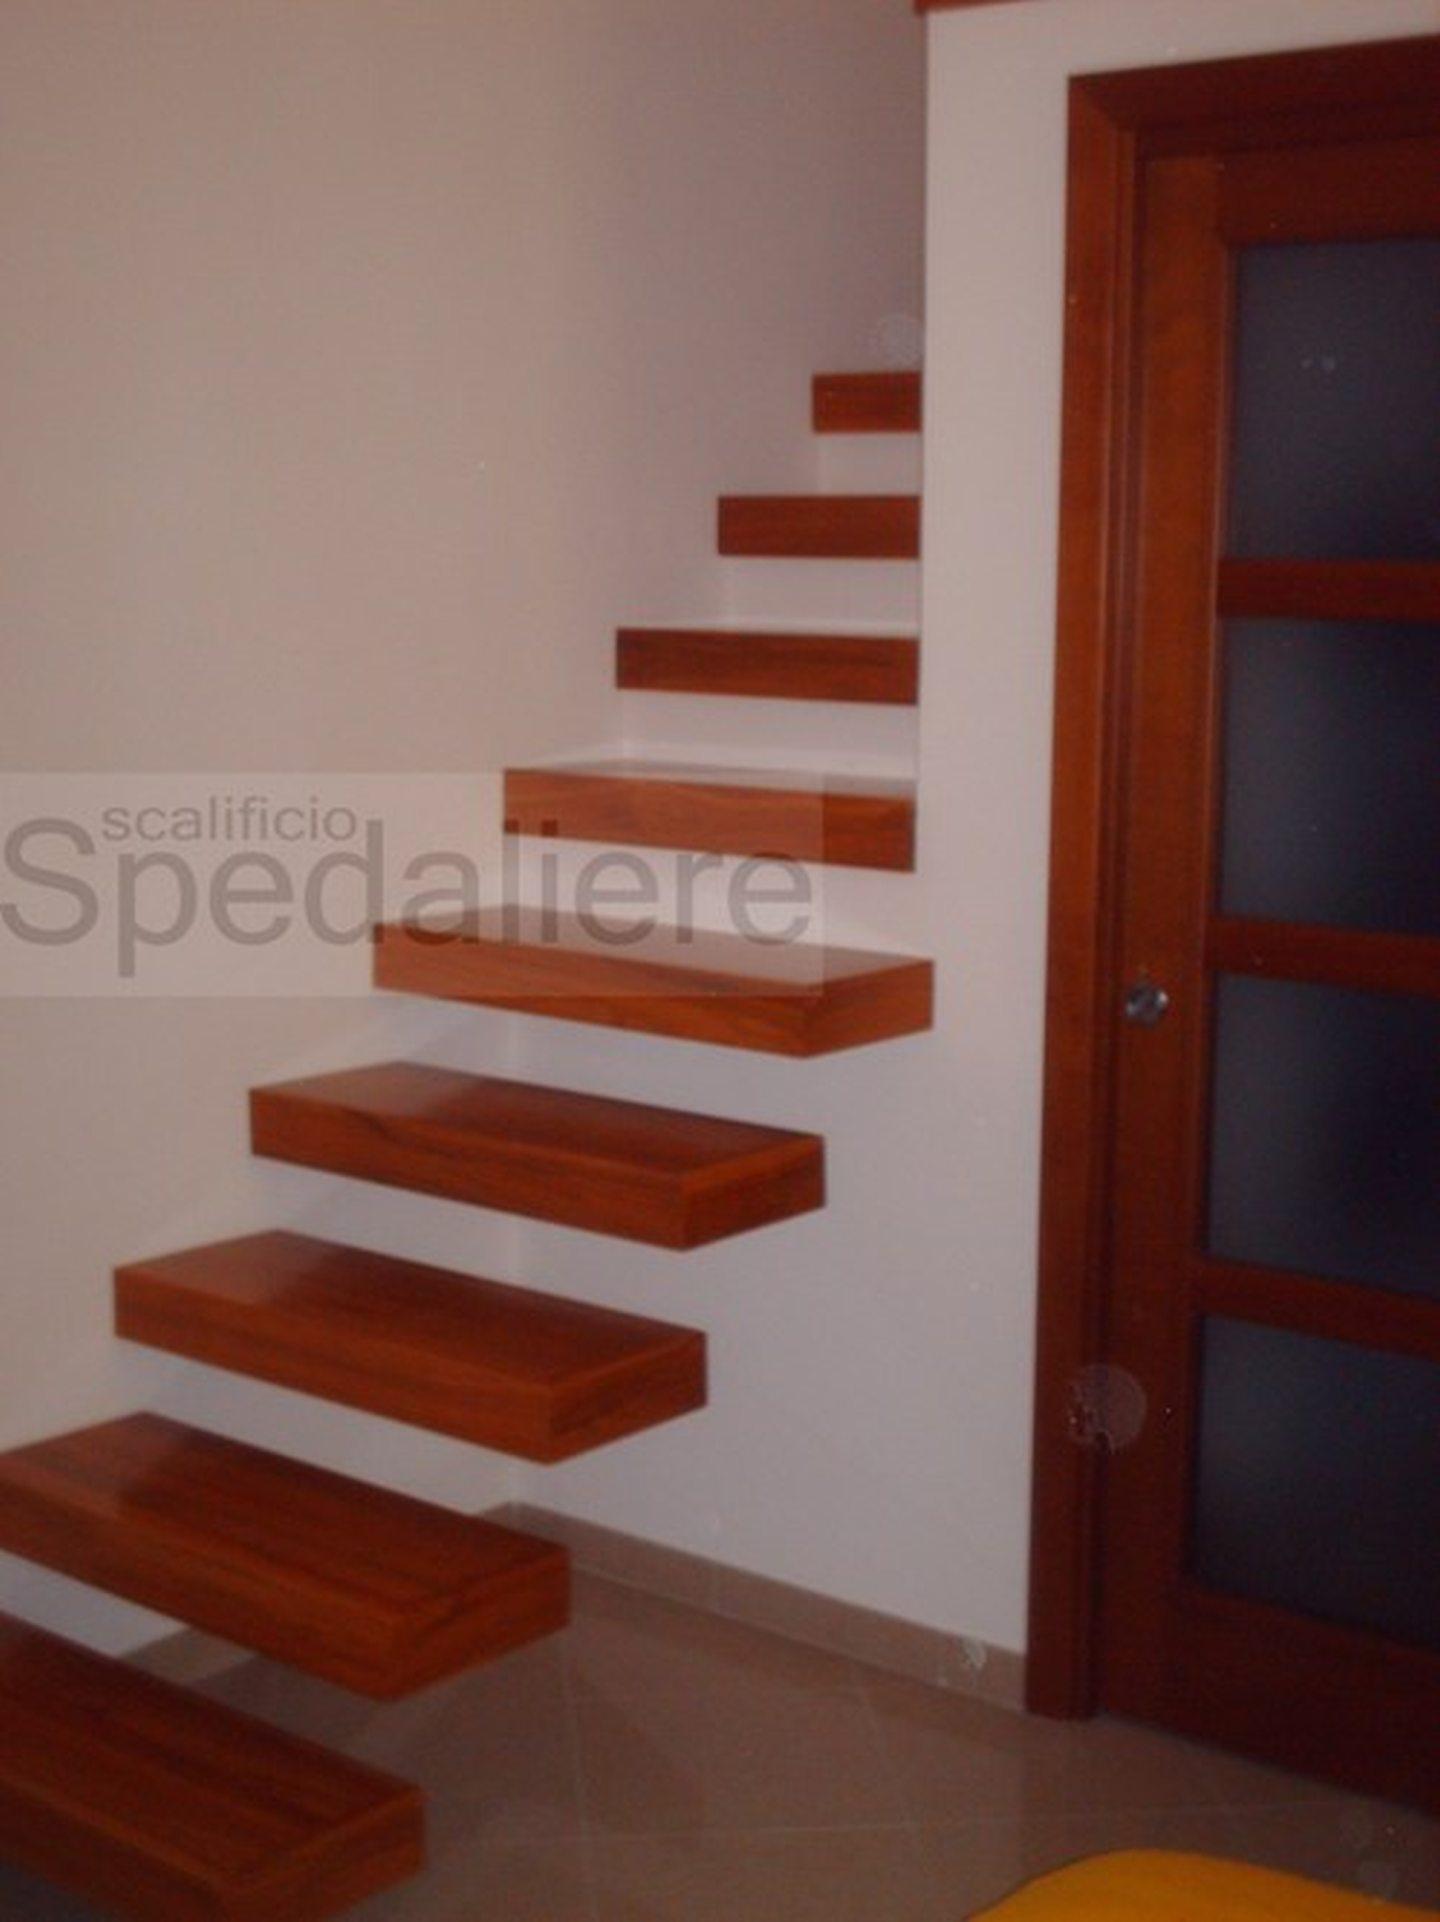 Rampa Sbalzo con gradini in legno Ciliegio realizzata con struttura portante integrata nella parete